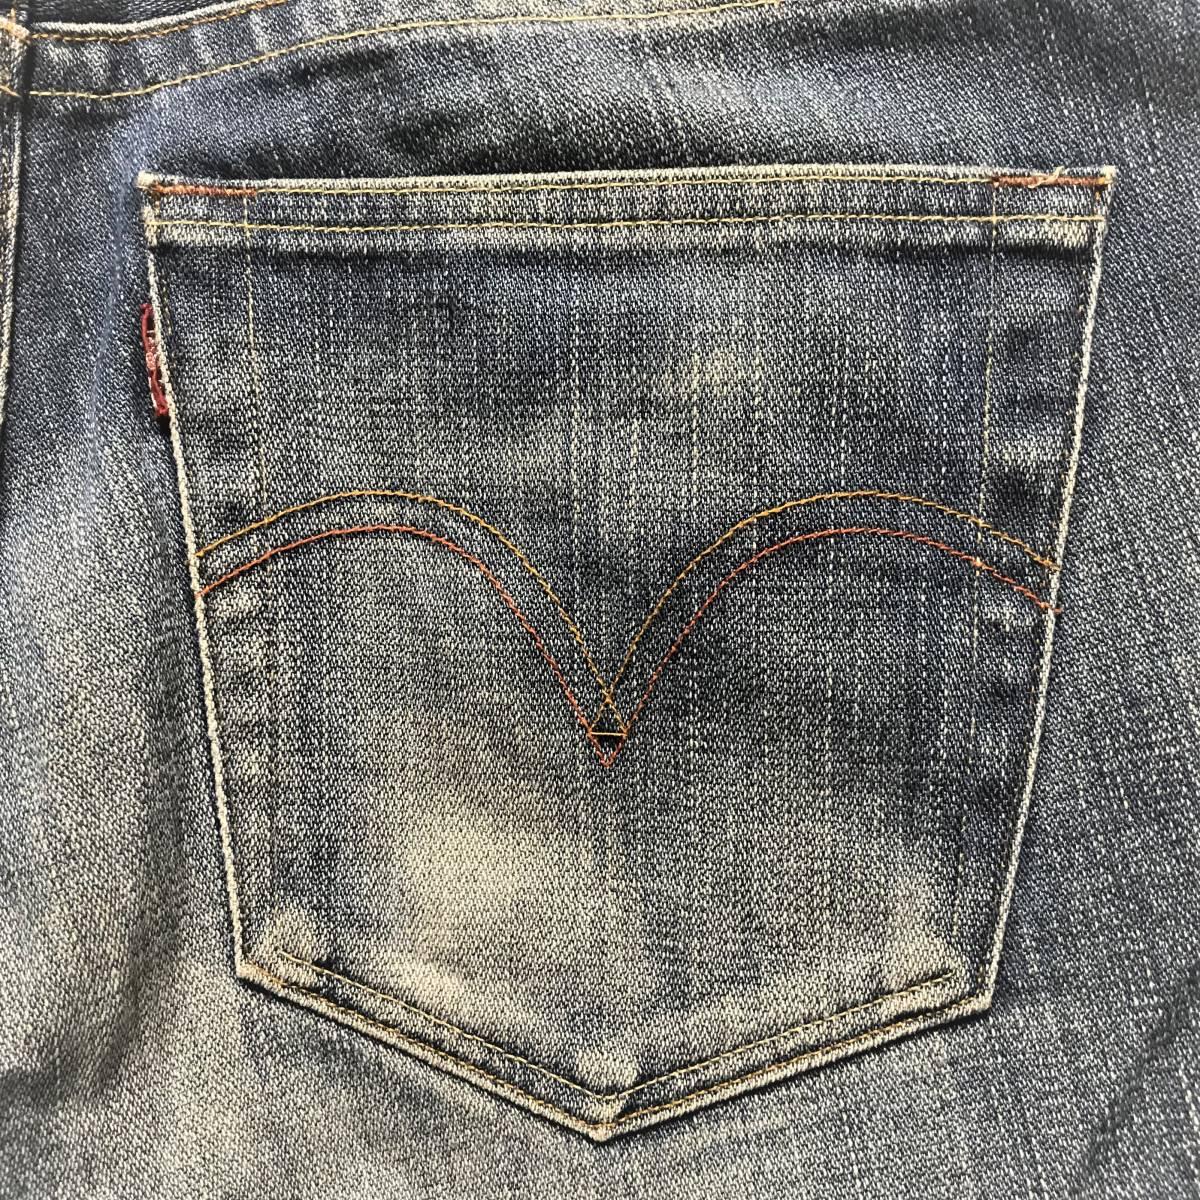 LEVISリーバイス PR505プレミアムストレートジーンズ メンズ31インチ79cm 日本製 柔らか左綾織りブロークンデニム_画像6